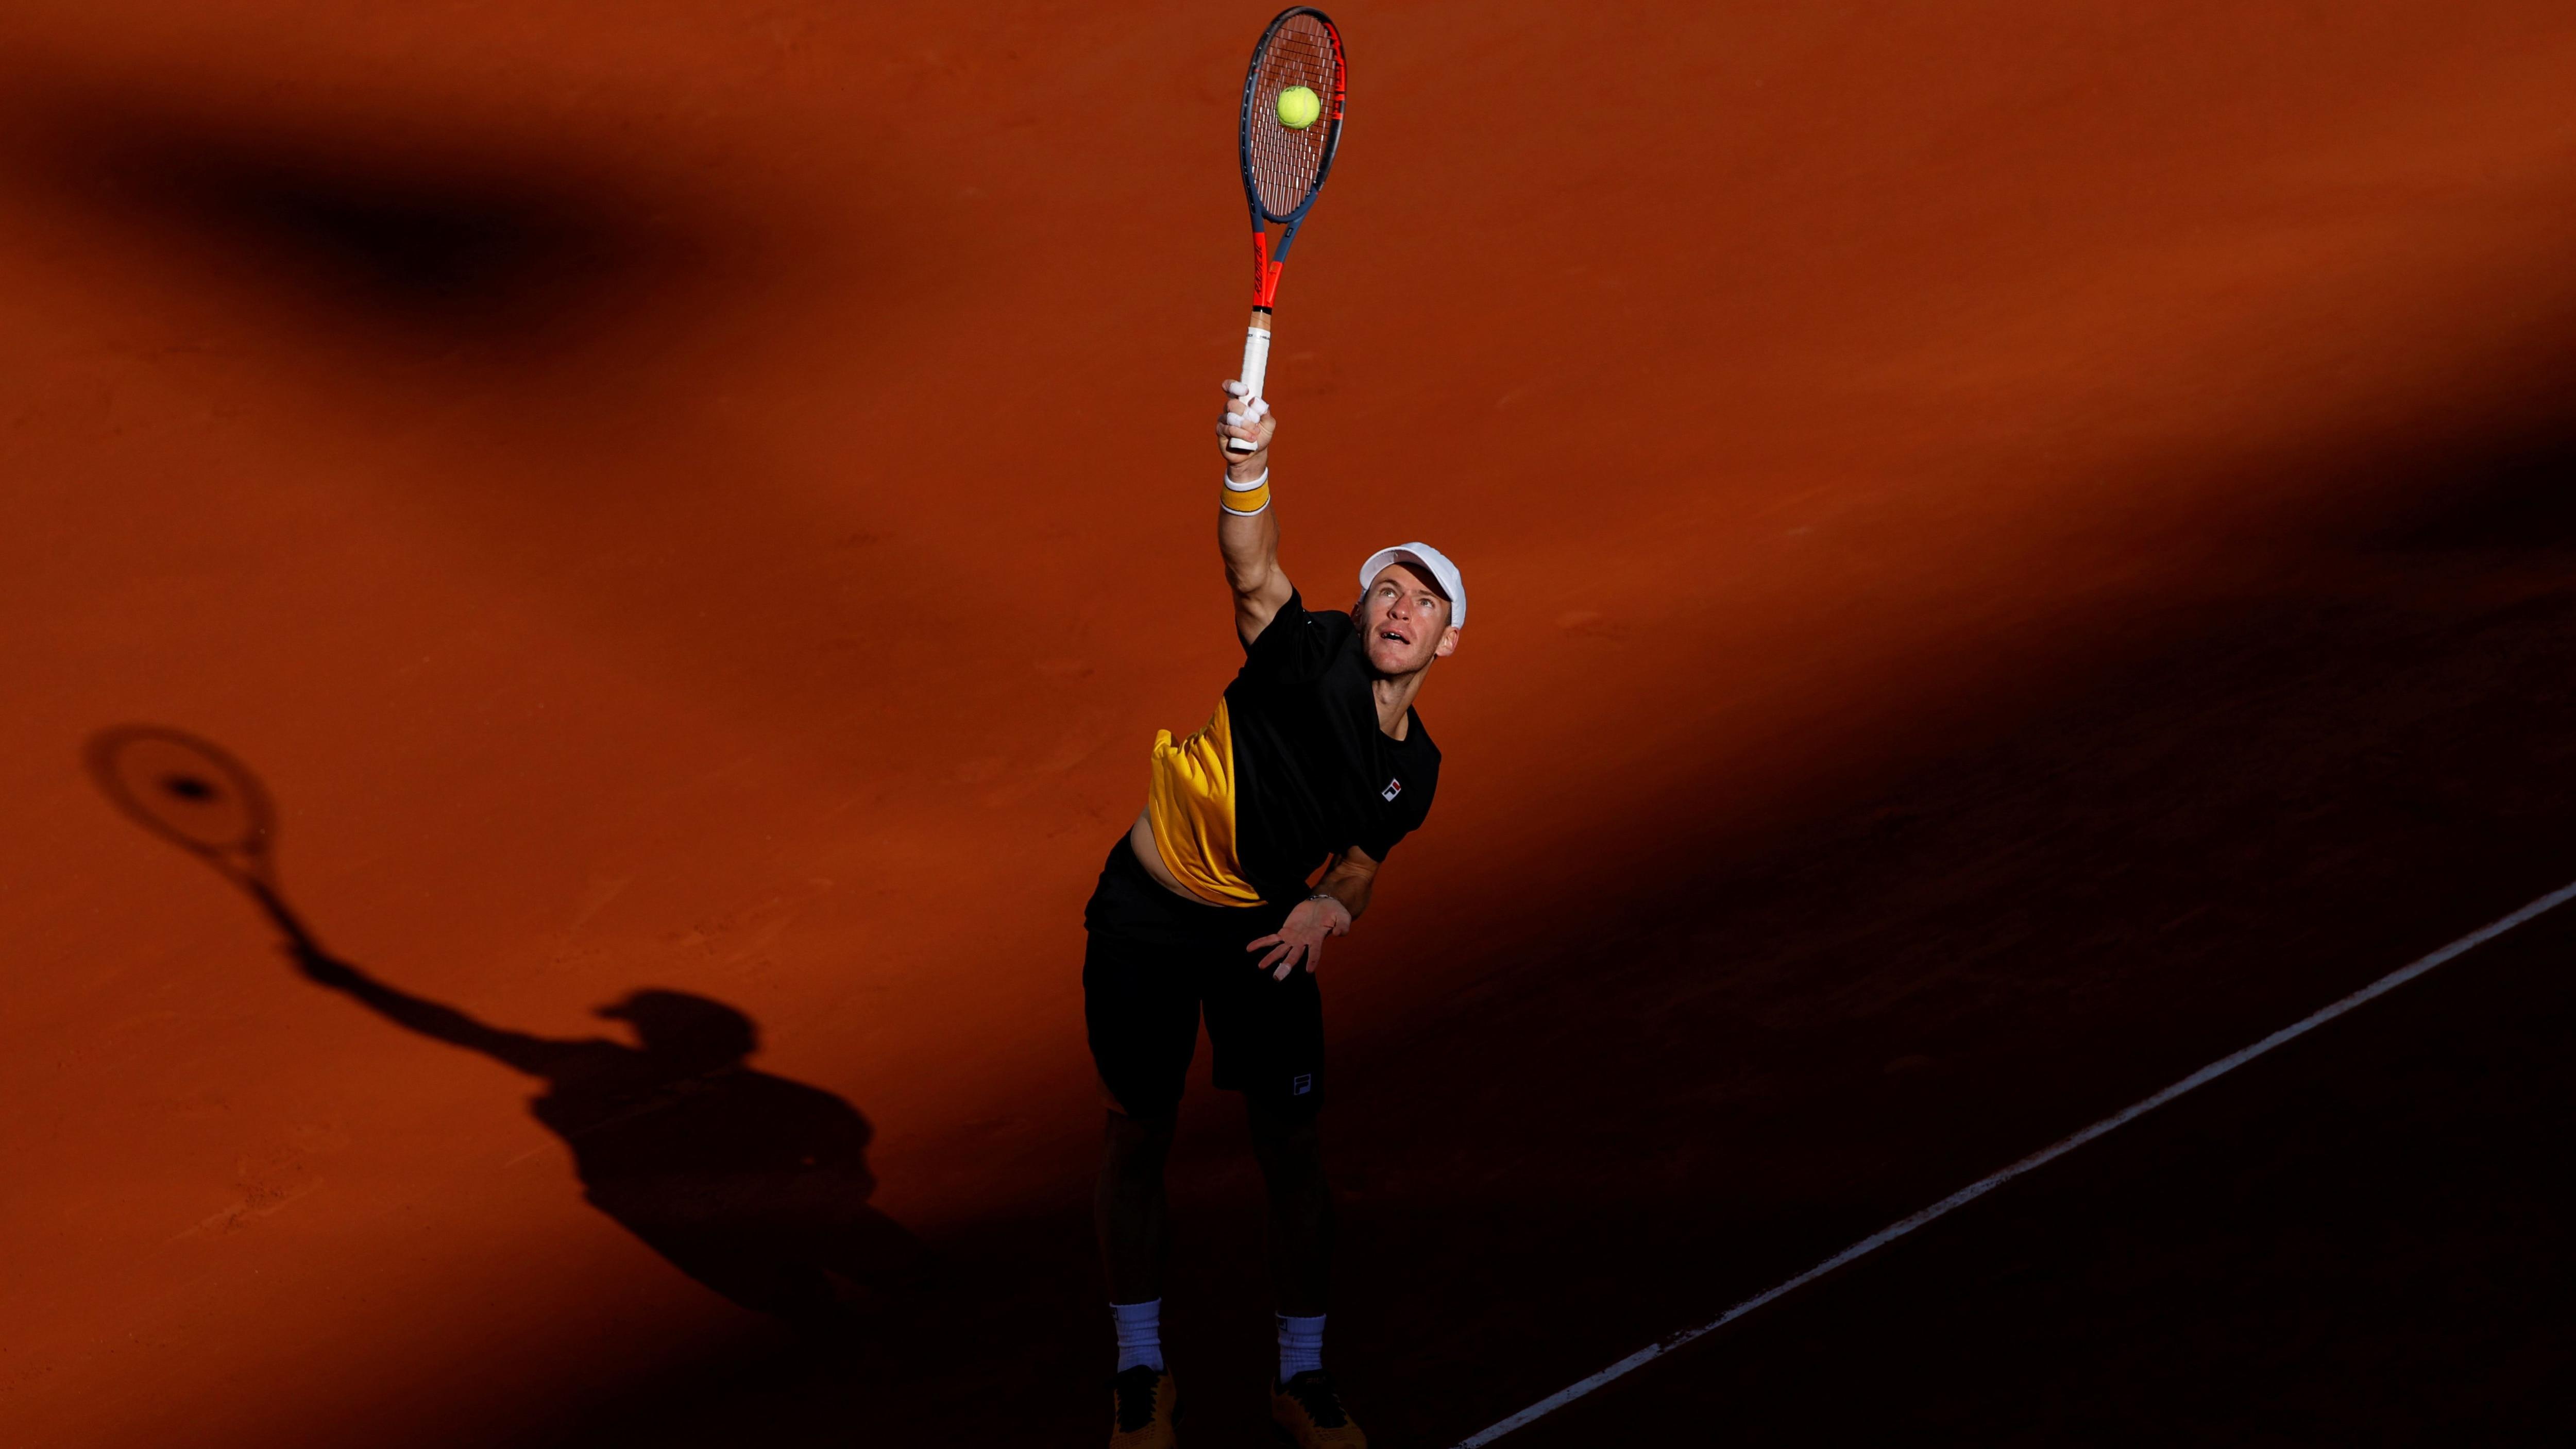 El porteño Diego Schwartzman llegó hasta las semifinales de Roland Garros, donde cayó con Rafael Nadal. Foto: REUTERS/Christian Hartmann